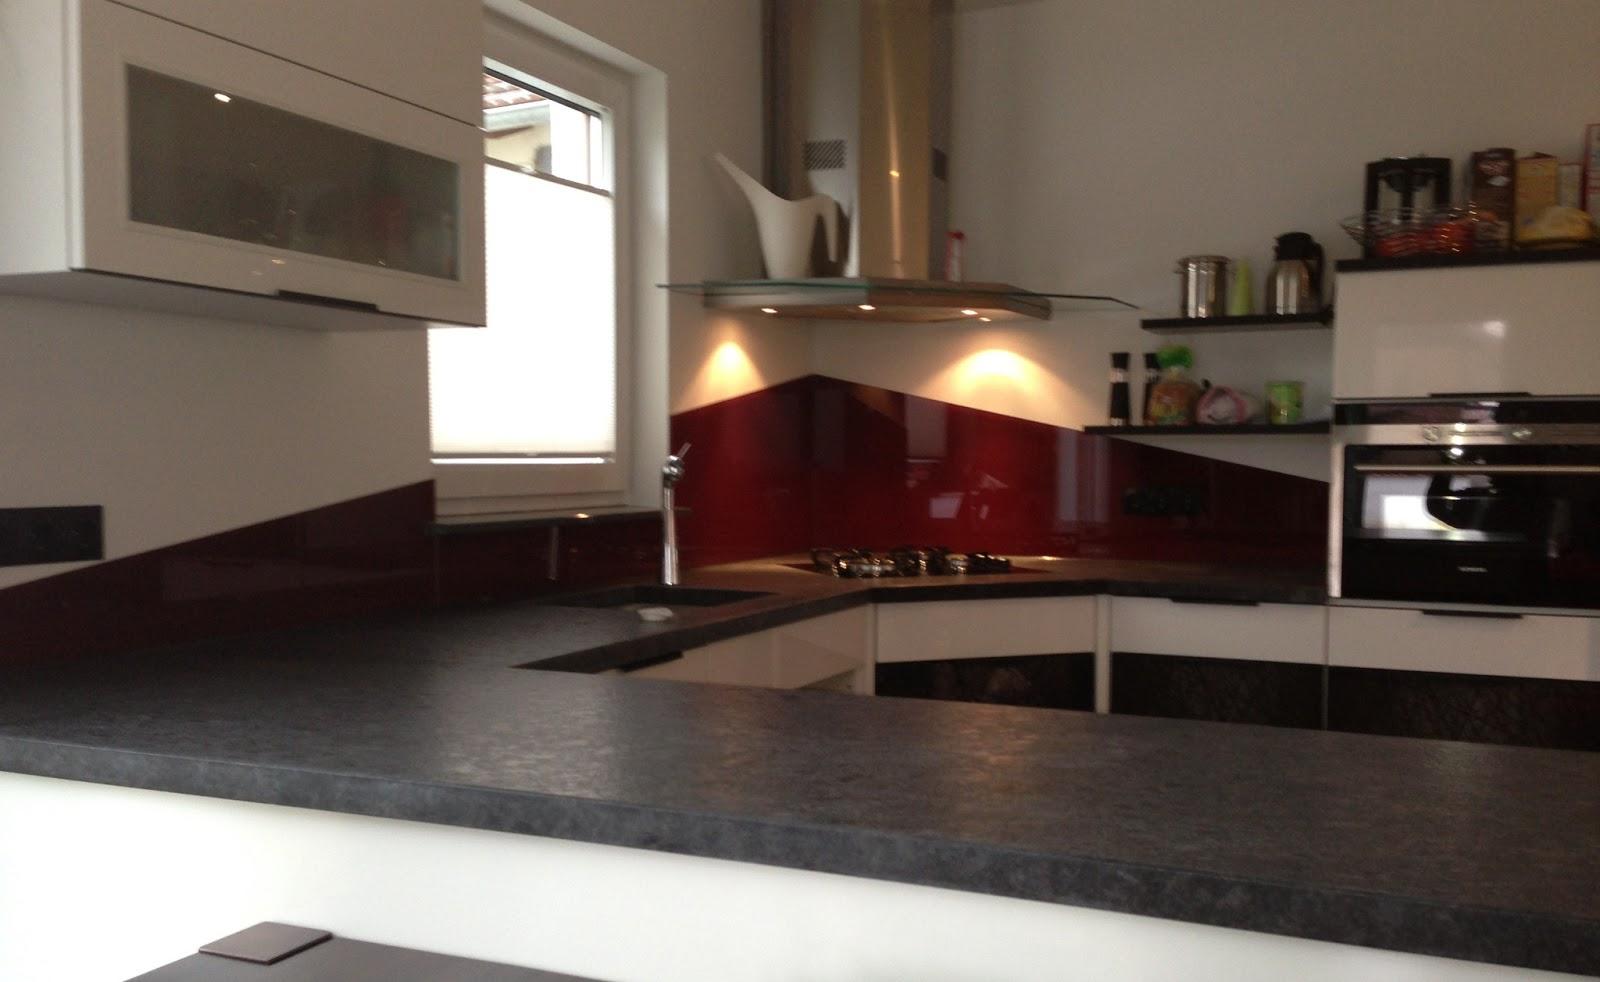 Full Size of Granit Arbeitsplatte Naturstein Ein Kunstwerk Der Natur Arbeitsplatten Nach Ma Aus Granitplatten Küche Sideboard Mit Wohnzimmer Granit Arbeitsplatte